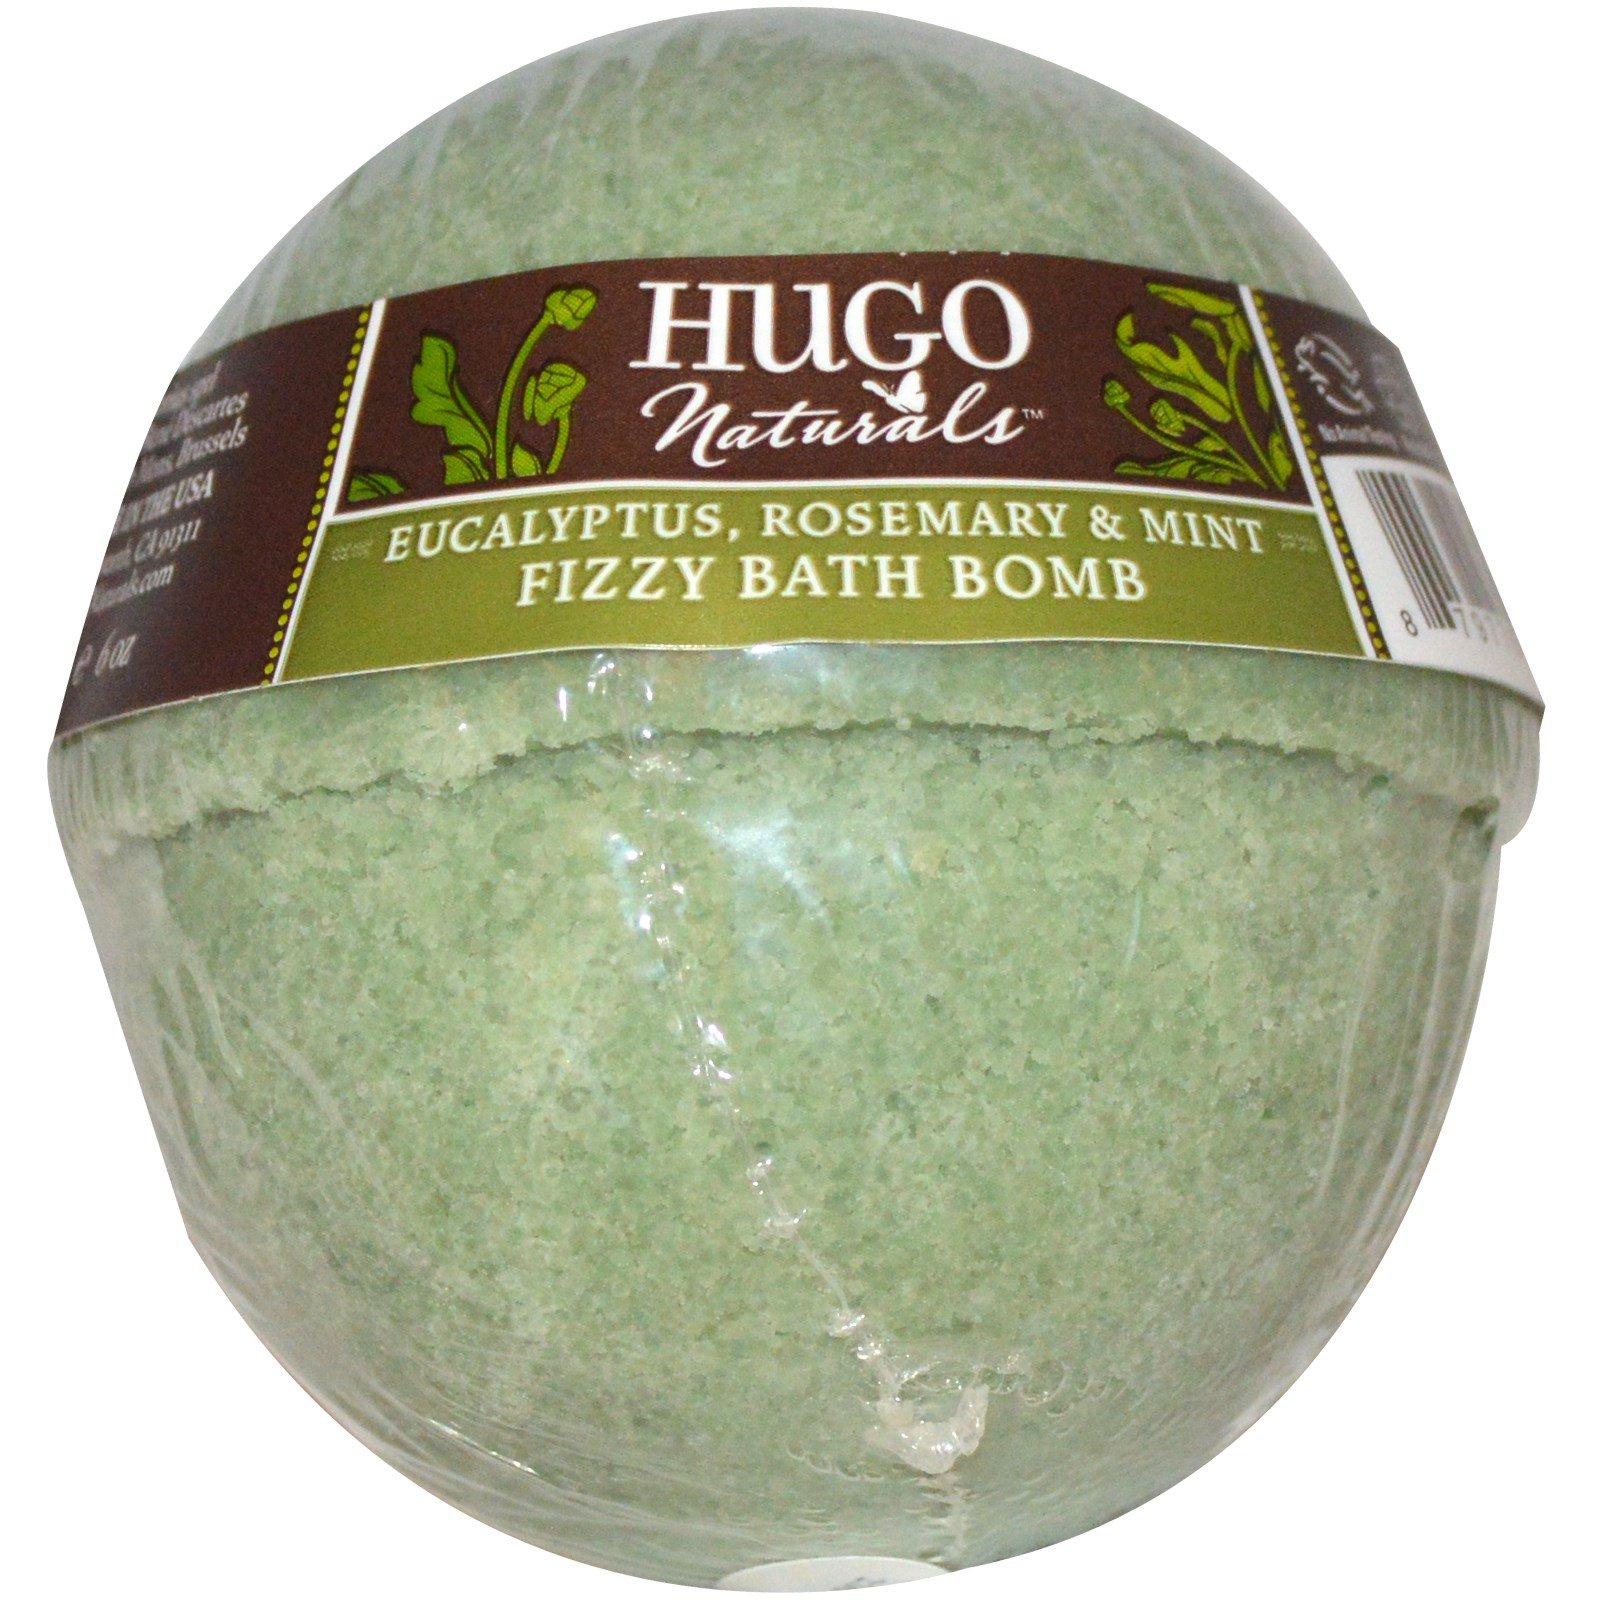 Hugo Naturals, Бомбочка для ванны с эвкалиптом, розмарином и мятой, 6 унций (170 г)